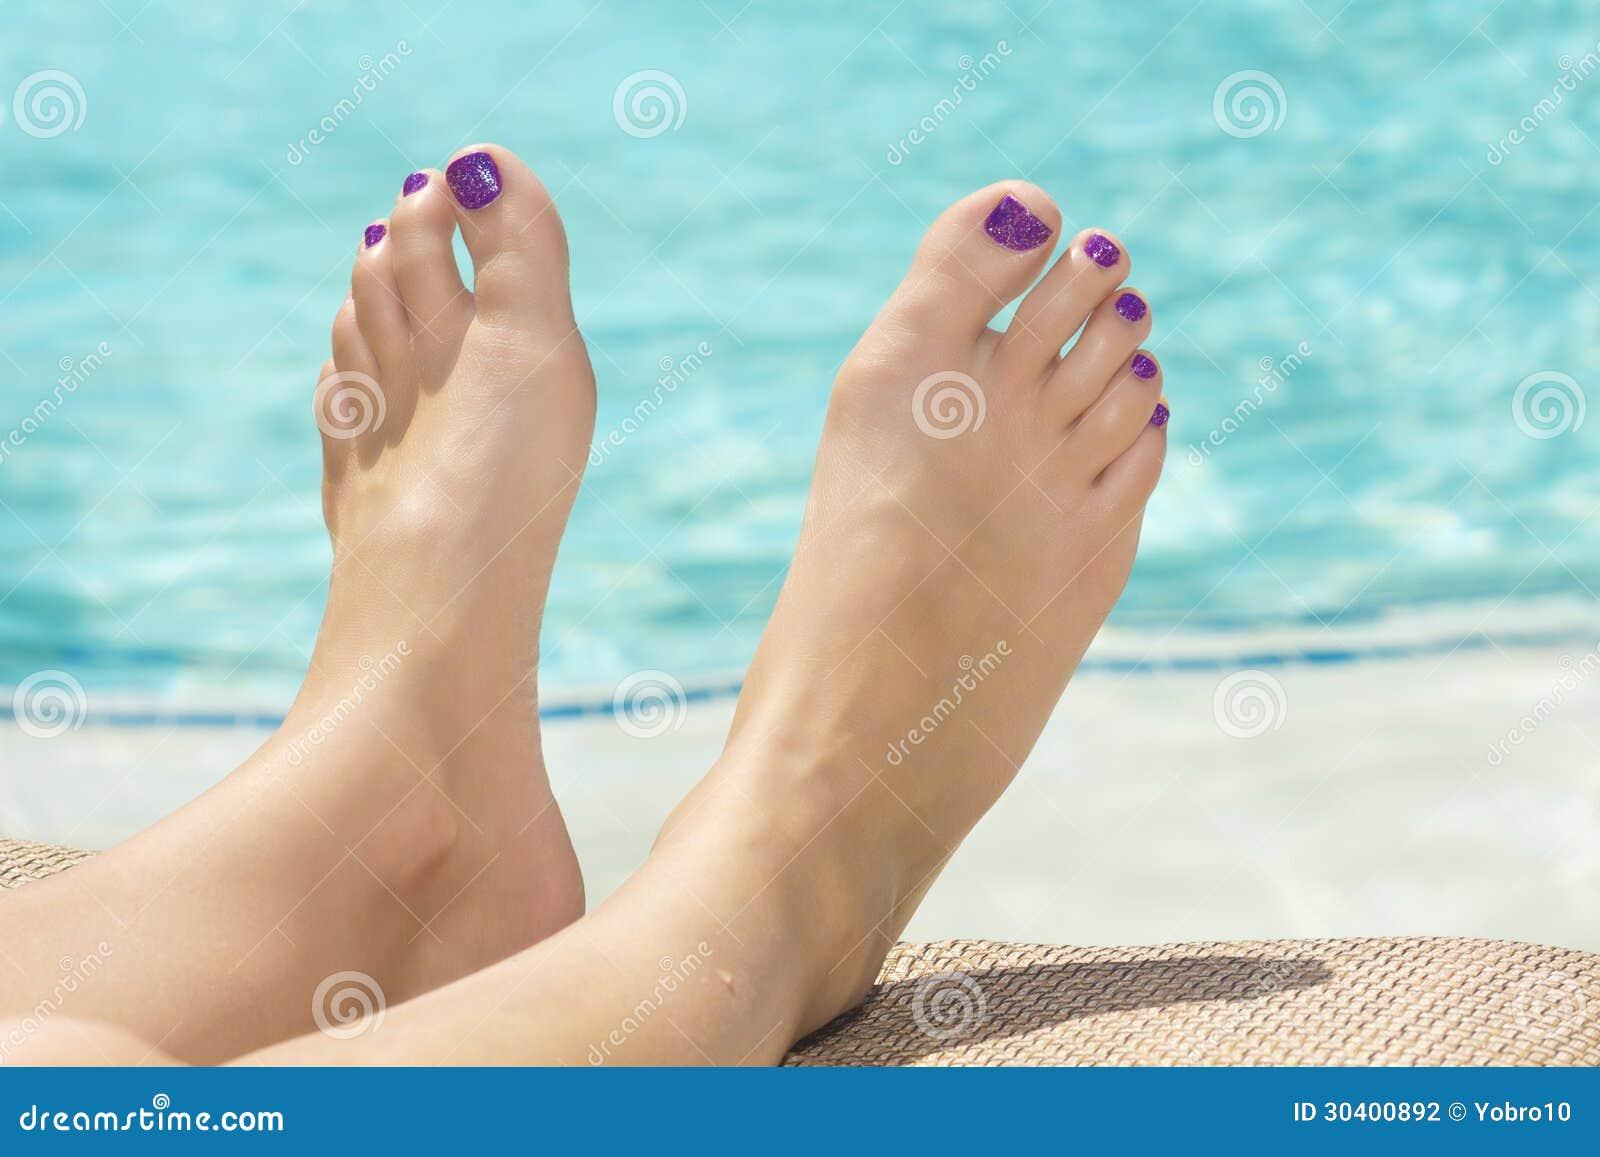 Фото пальцы ног девушек 23 фотография